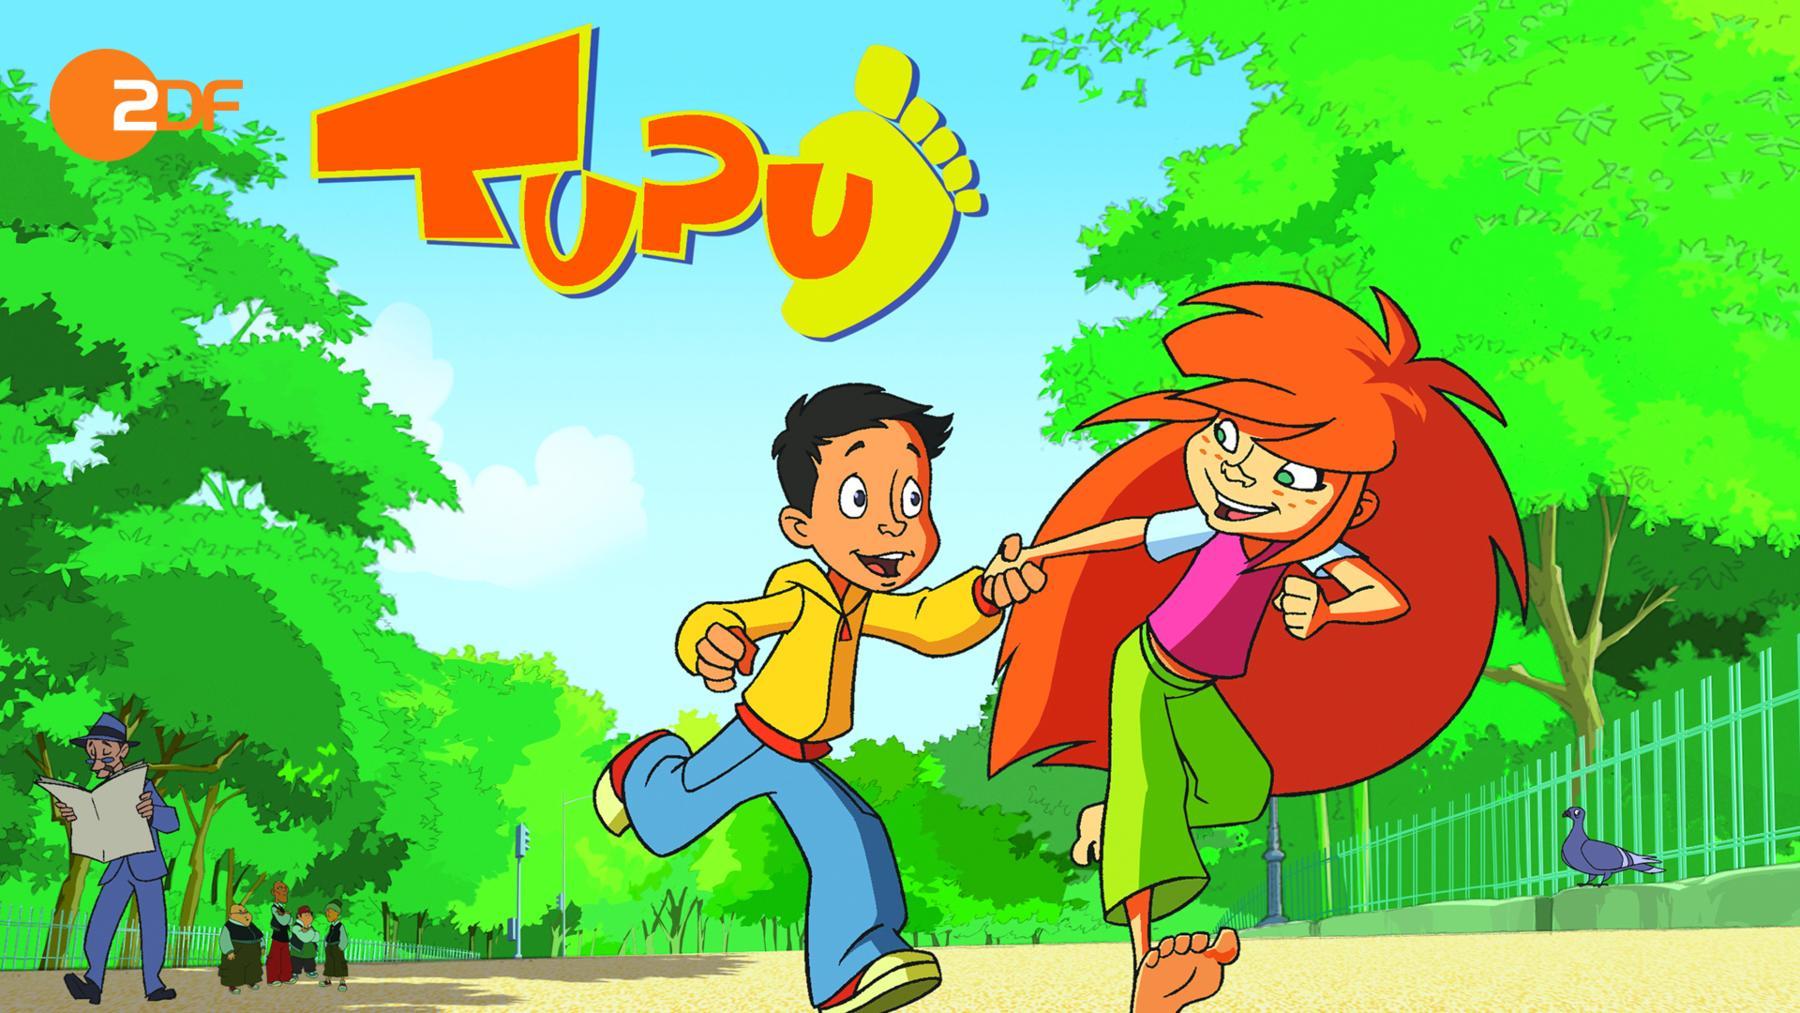 Tupu - Das Mädchen aus dem Dschungel